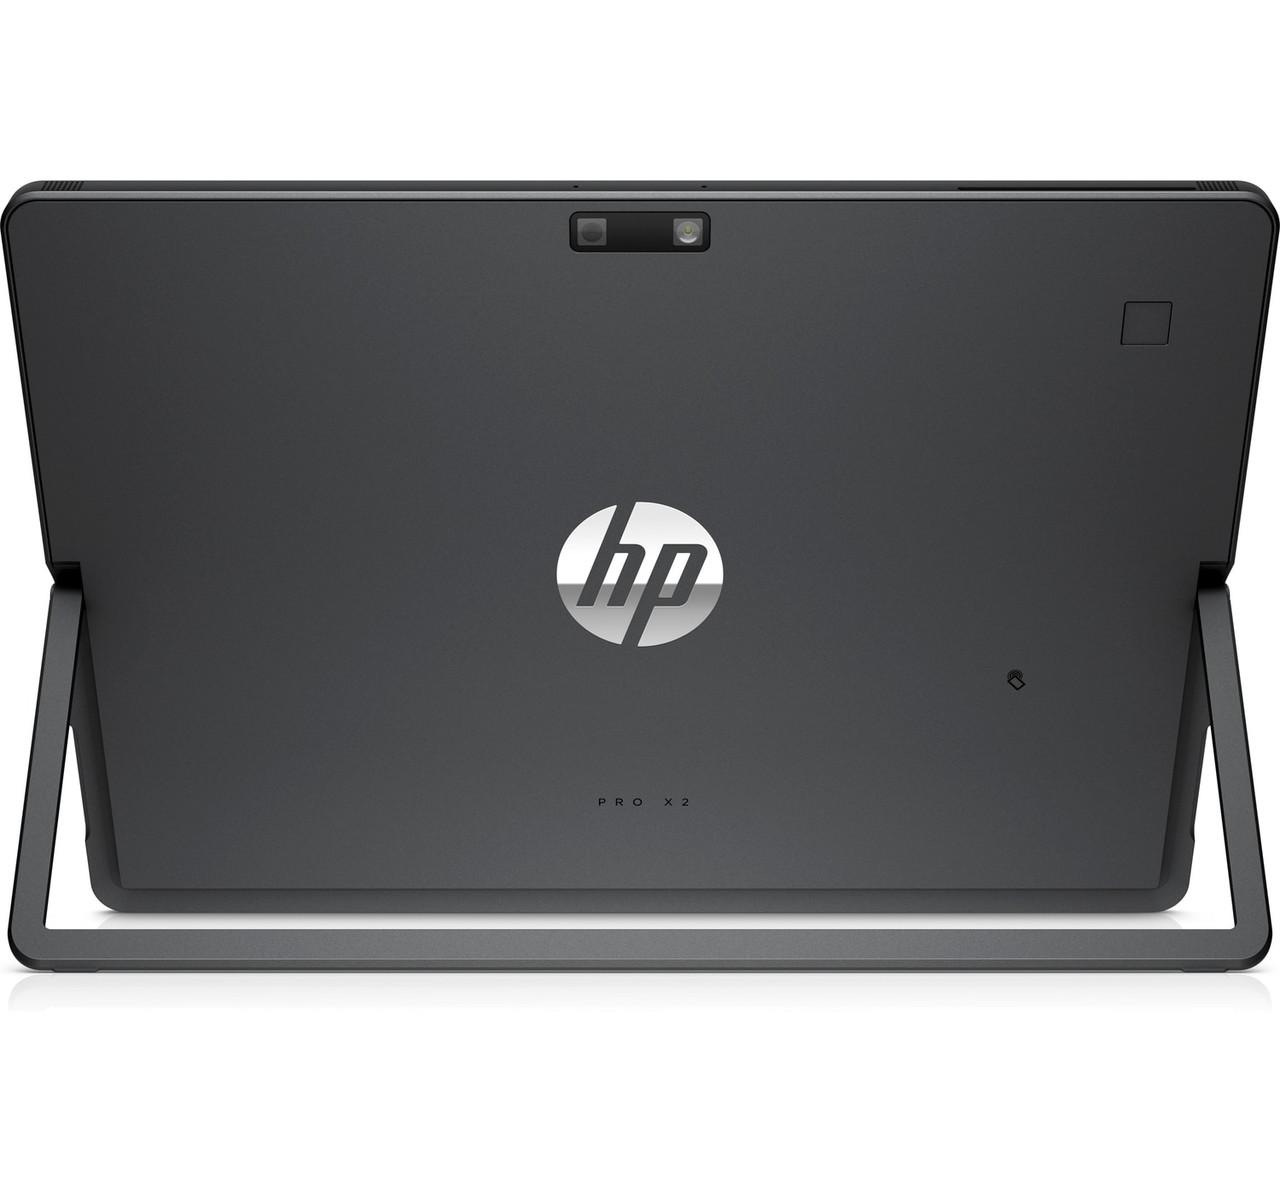 8c4dc2bd2d1 HP Smart Pro x2 612 , 12